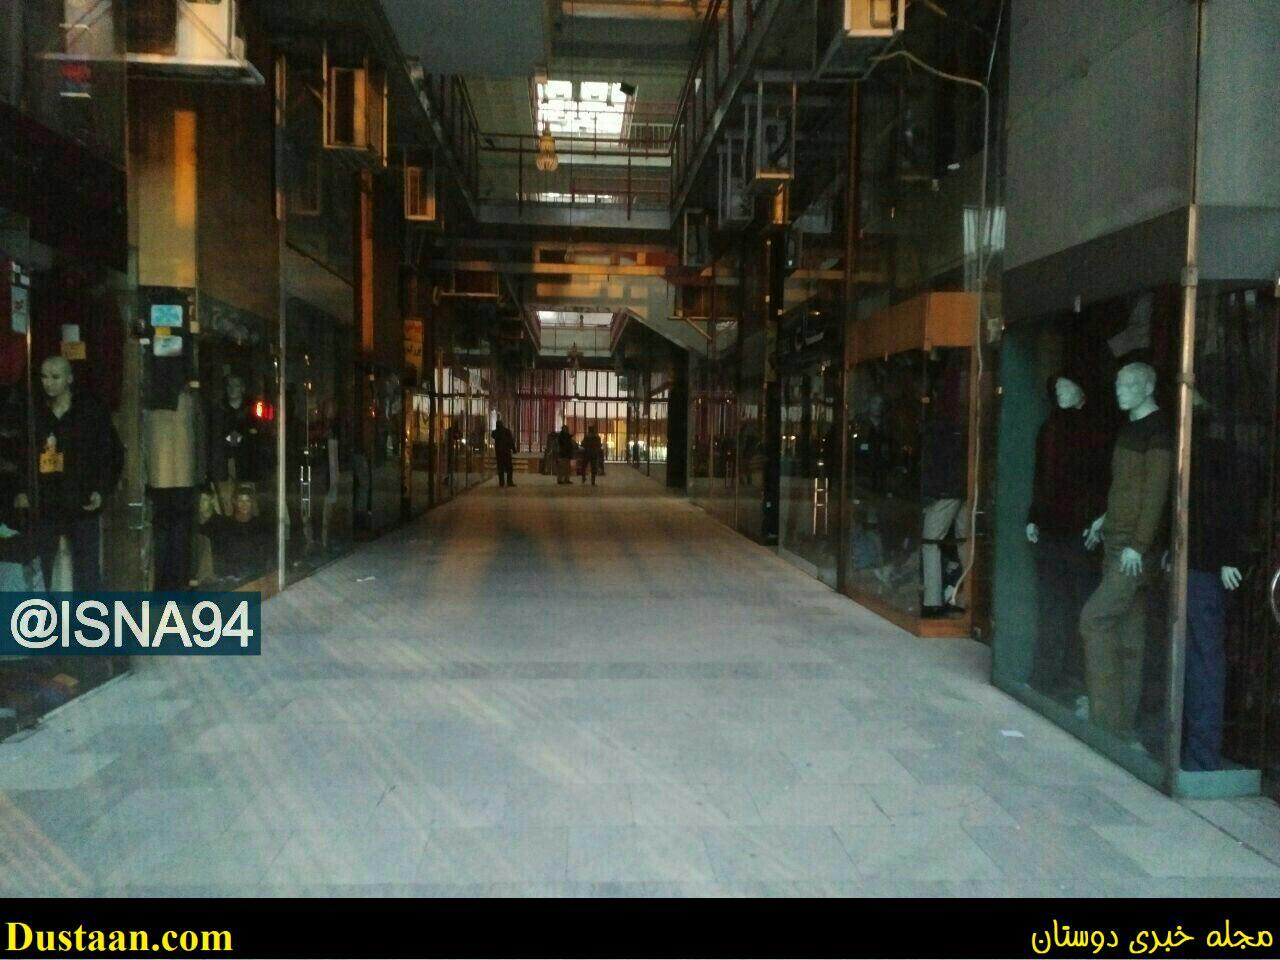 پاساژ کویتی ها بعد از فاجعه ساختمان پلاسکو +تصویر